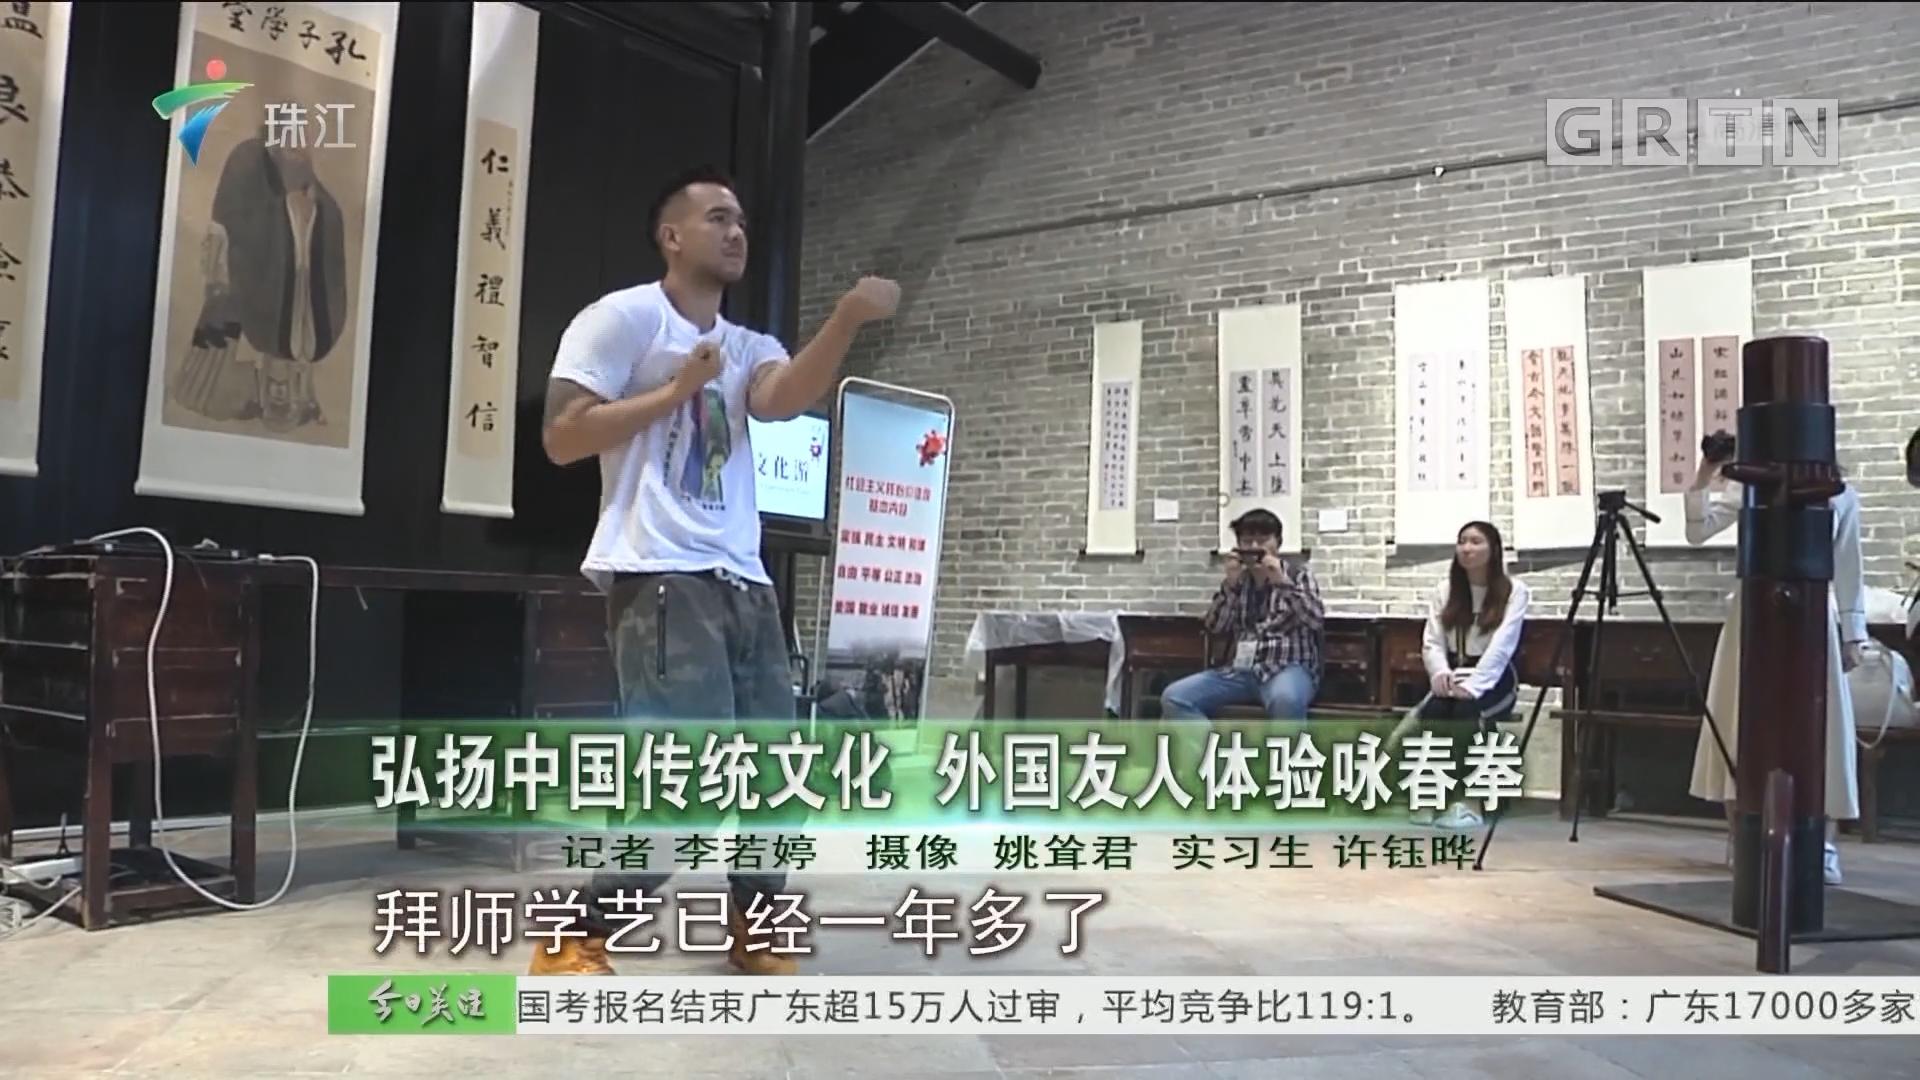 弘扬中国传统文化 外国友人体验咏春拳